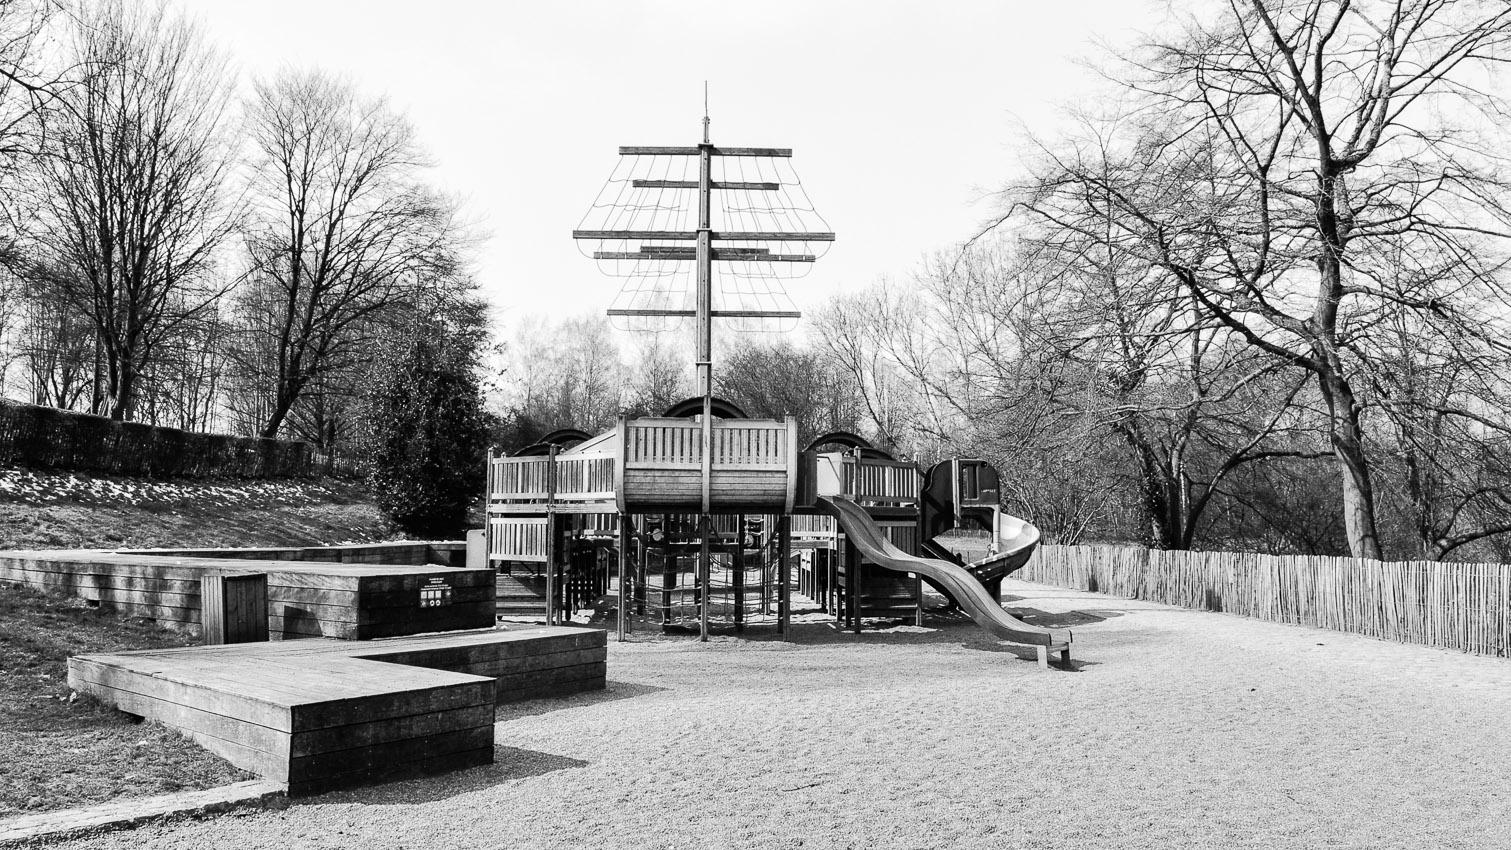 18-parc-foret-location-decors-film-cinema-photo-belgium-bruxelles